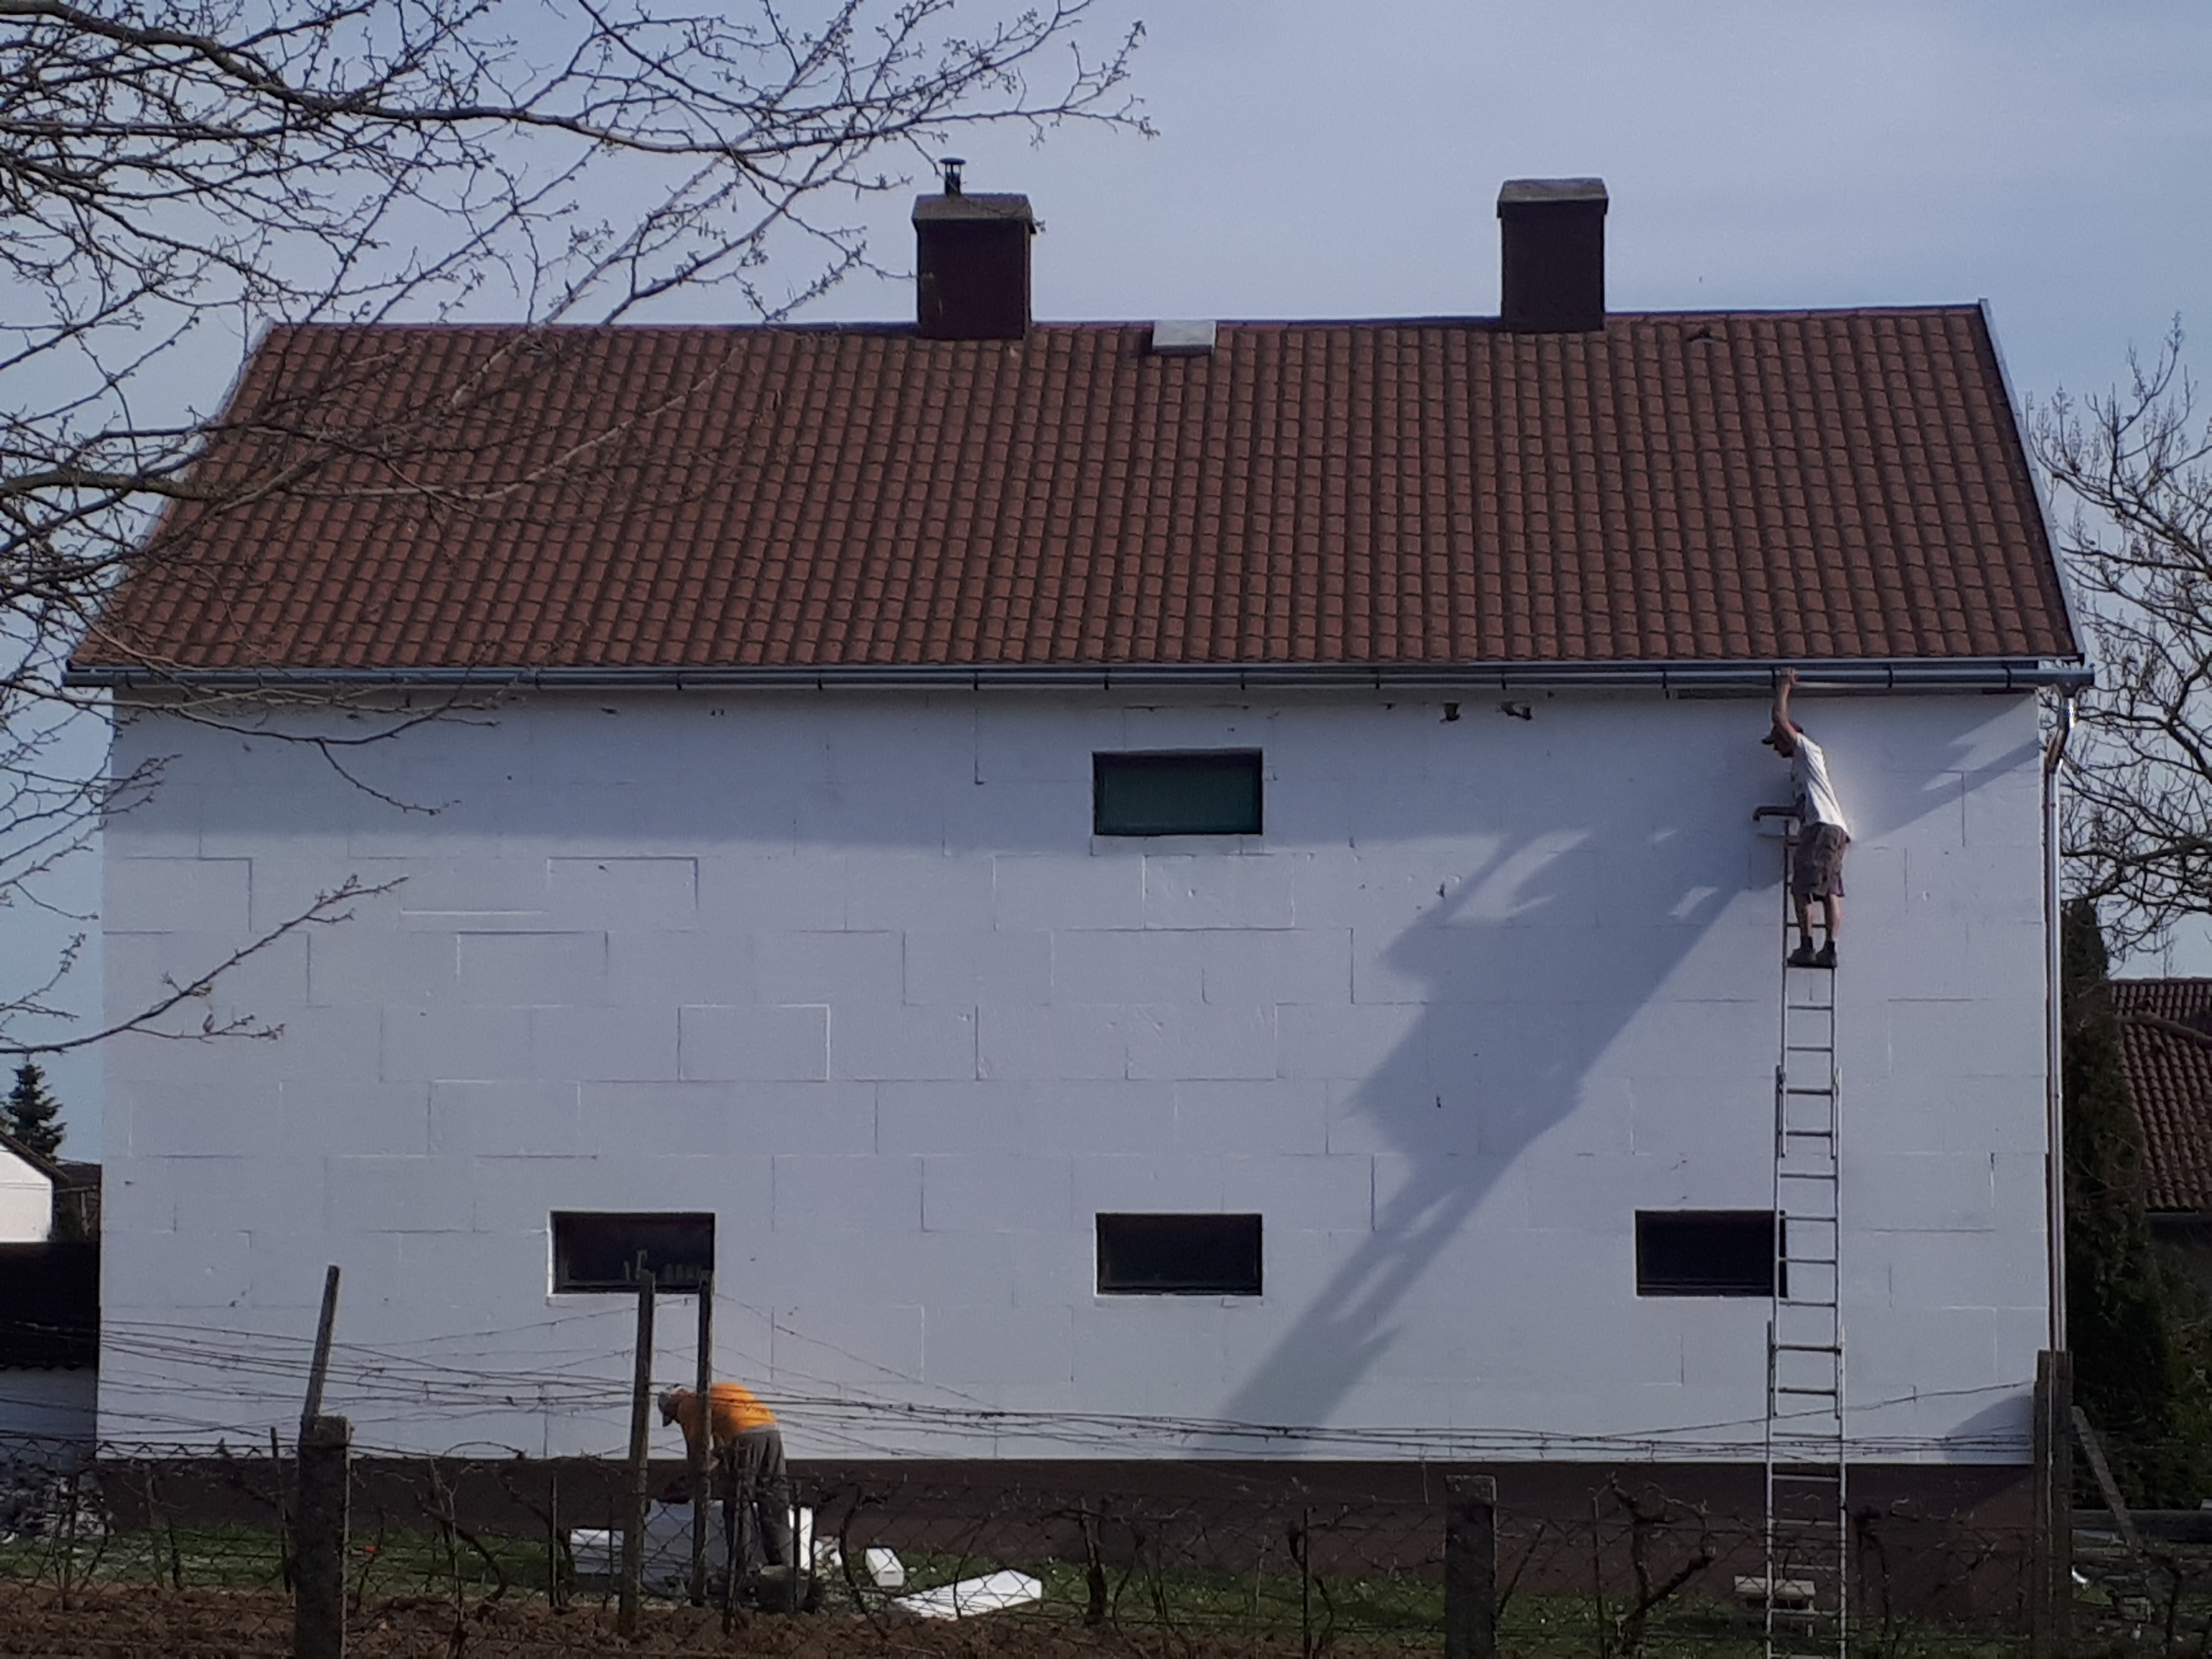 Palatető felújítás Lepsény, palatető szigetelés LepsényCsaládi ház palatető felújítása